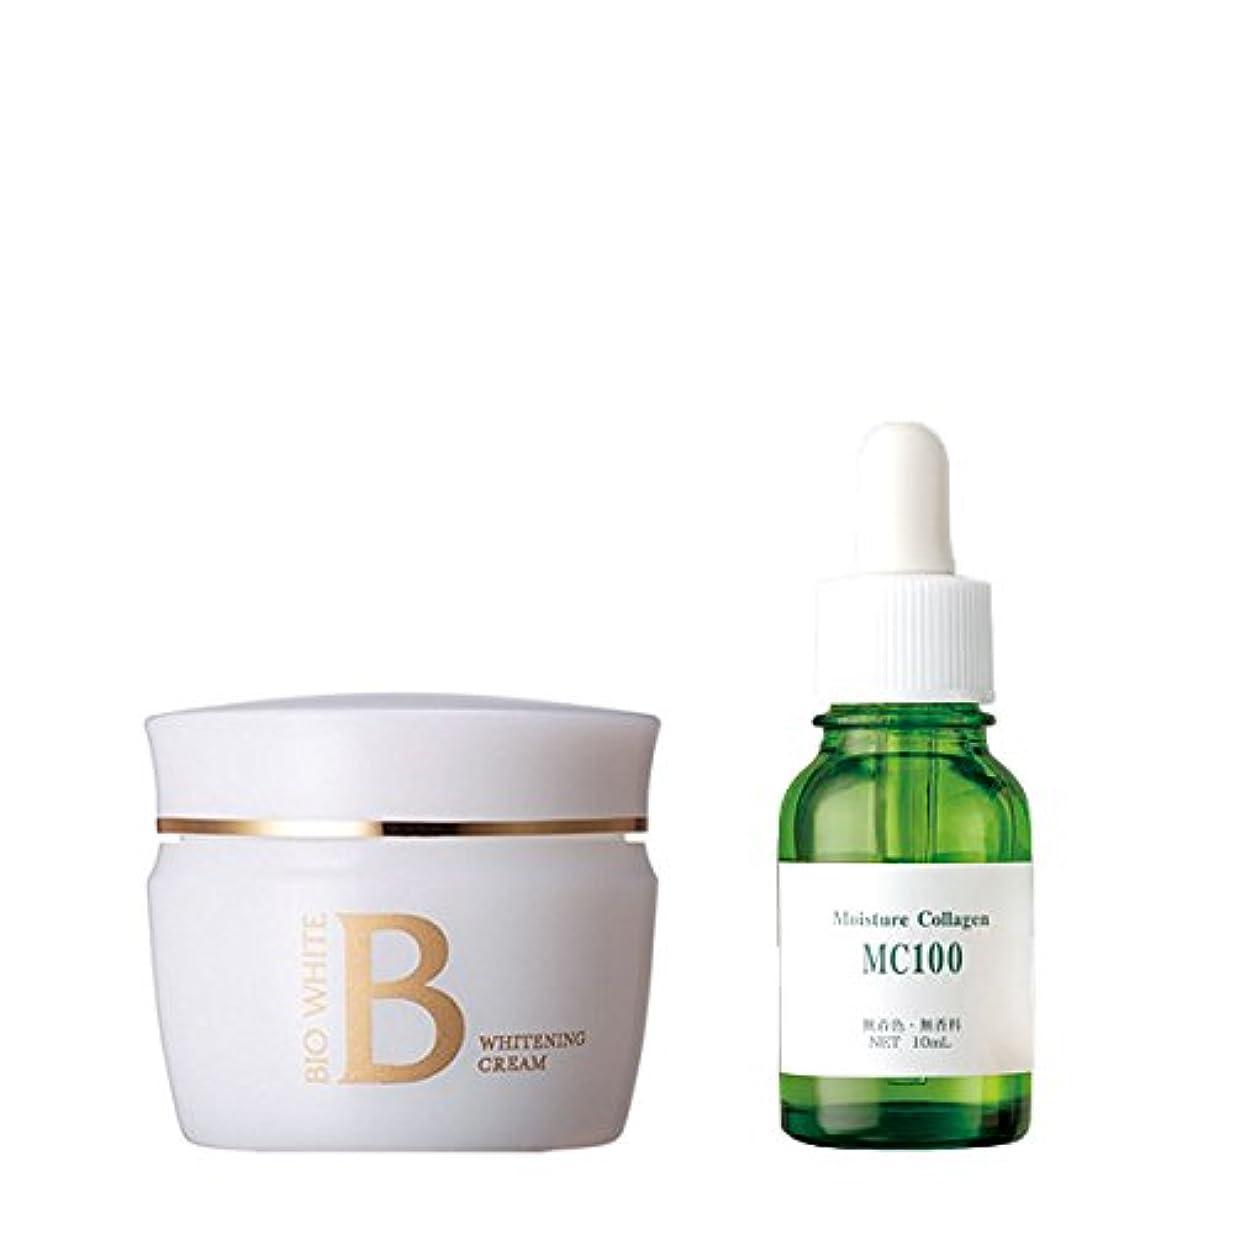 保証する倍増和解するエビス化粧品(EBiS) ビーホワイトクリーム40g & 植物性コラーゲン原液 10ml